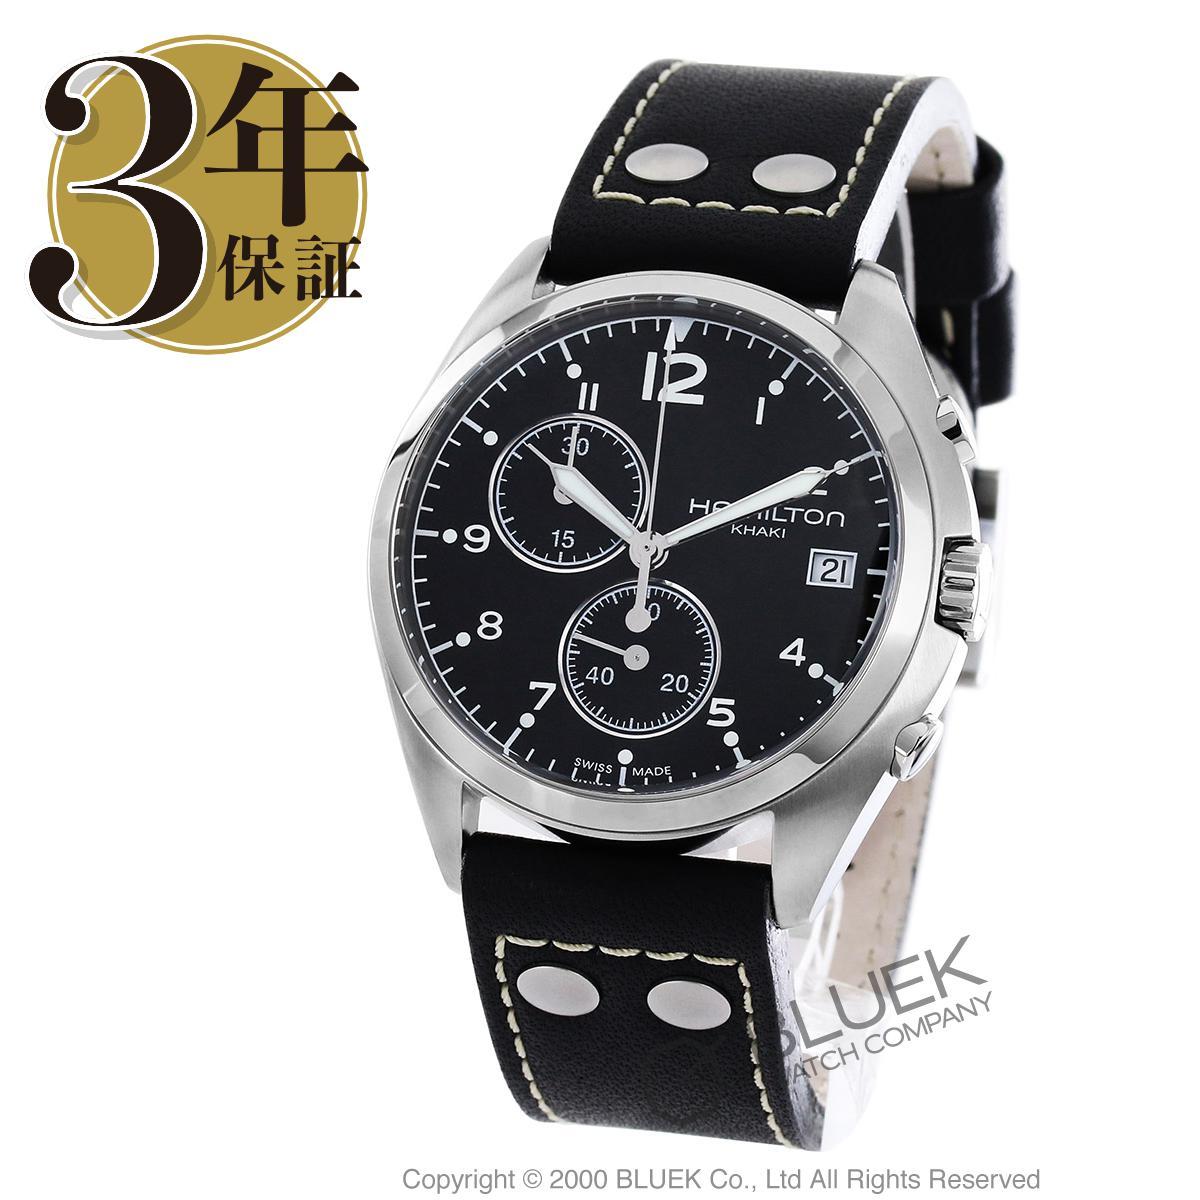 【1,000円OFFクーポン対象】ハミルトン カーキ アビエーション パイロット パイオニア クロノグラフ 腕時計 メンズ HAMILTON H76512733_8